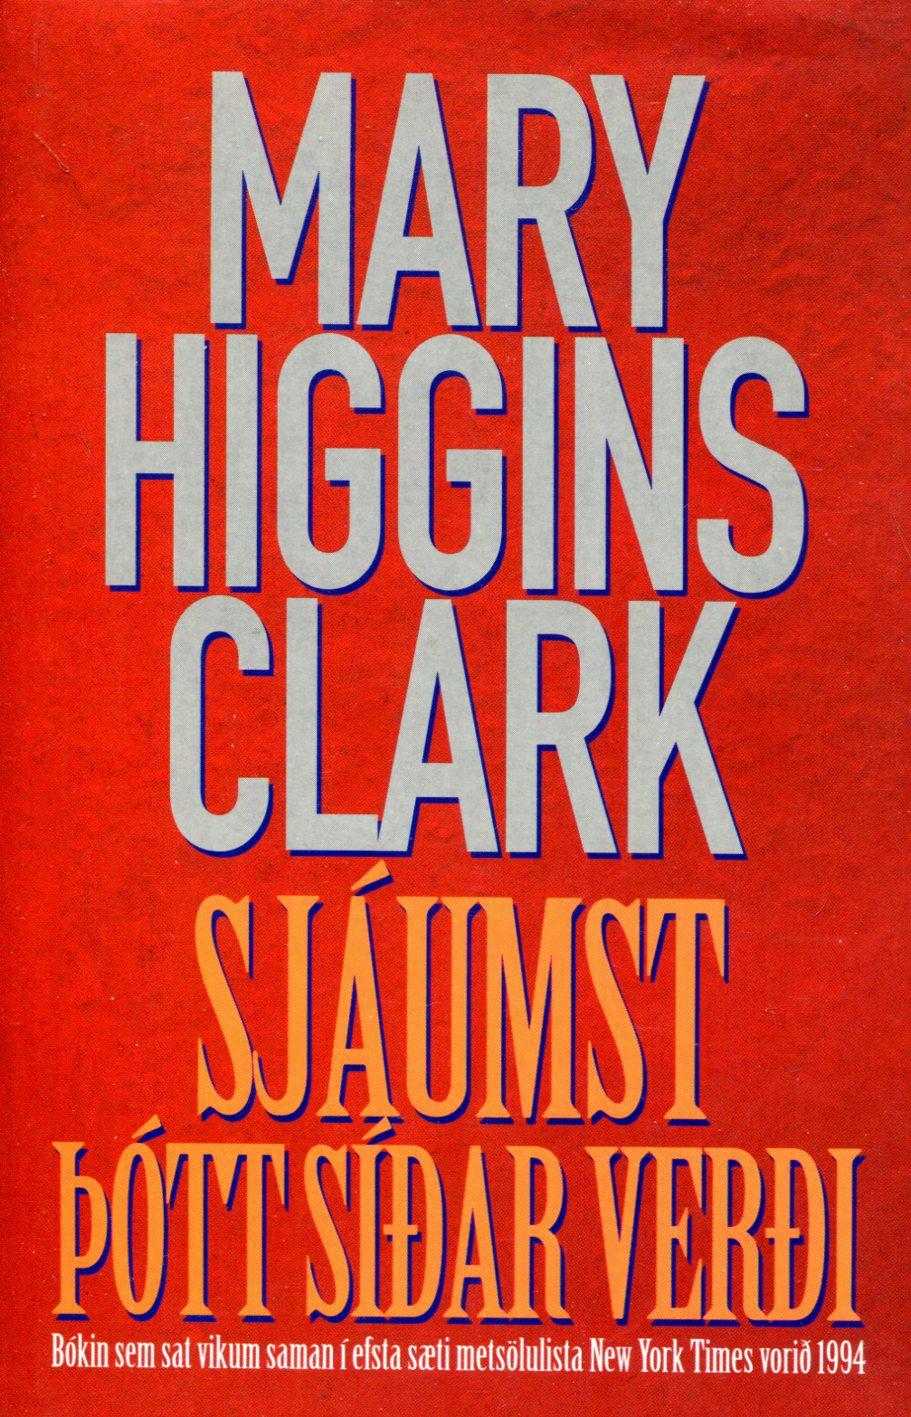 Sjáumst þótt síðar verði - Mary Higgins Clark